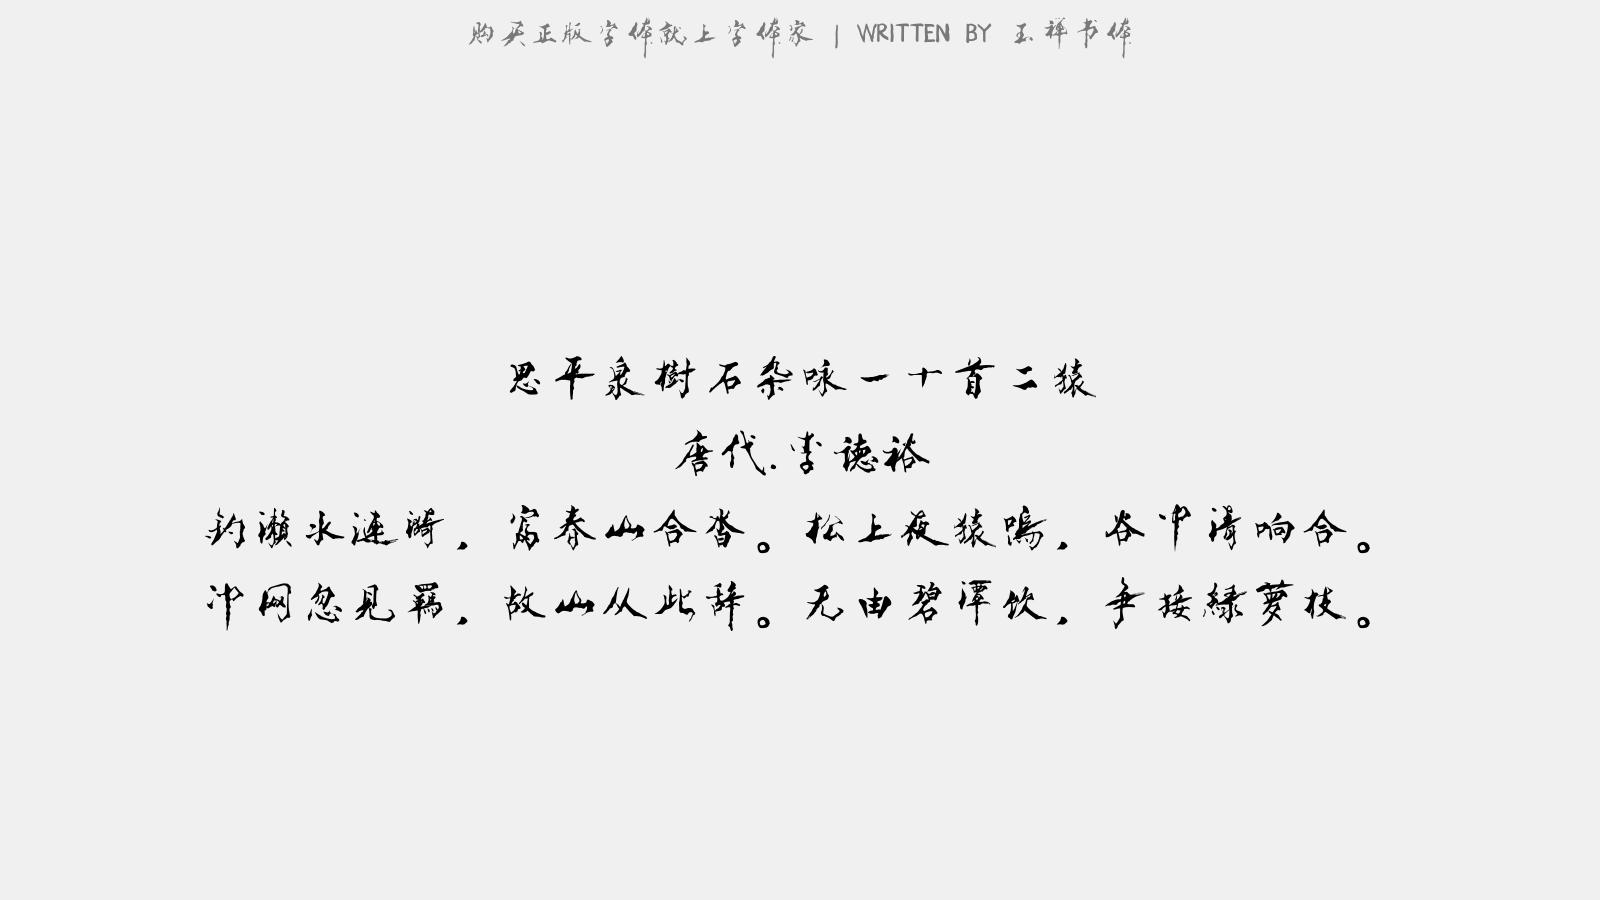 玉禪書體 - 思平泉樹石雜詠一十首。二猿